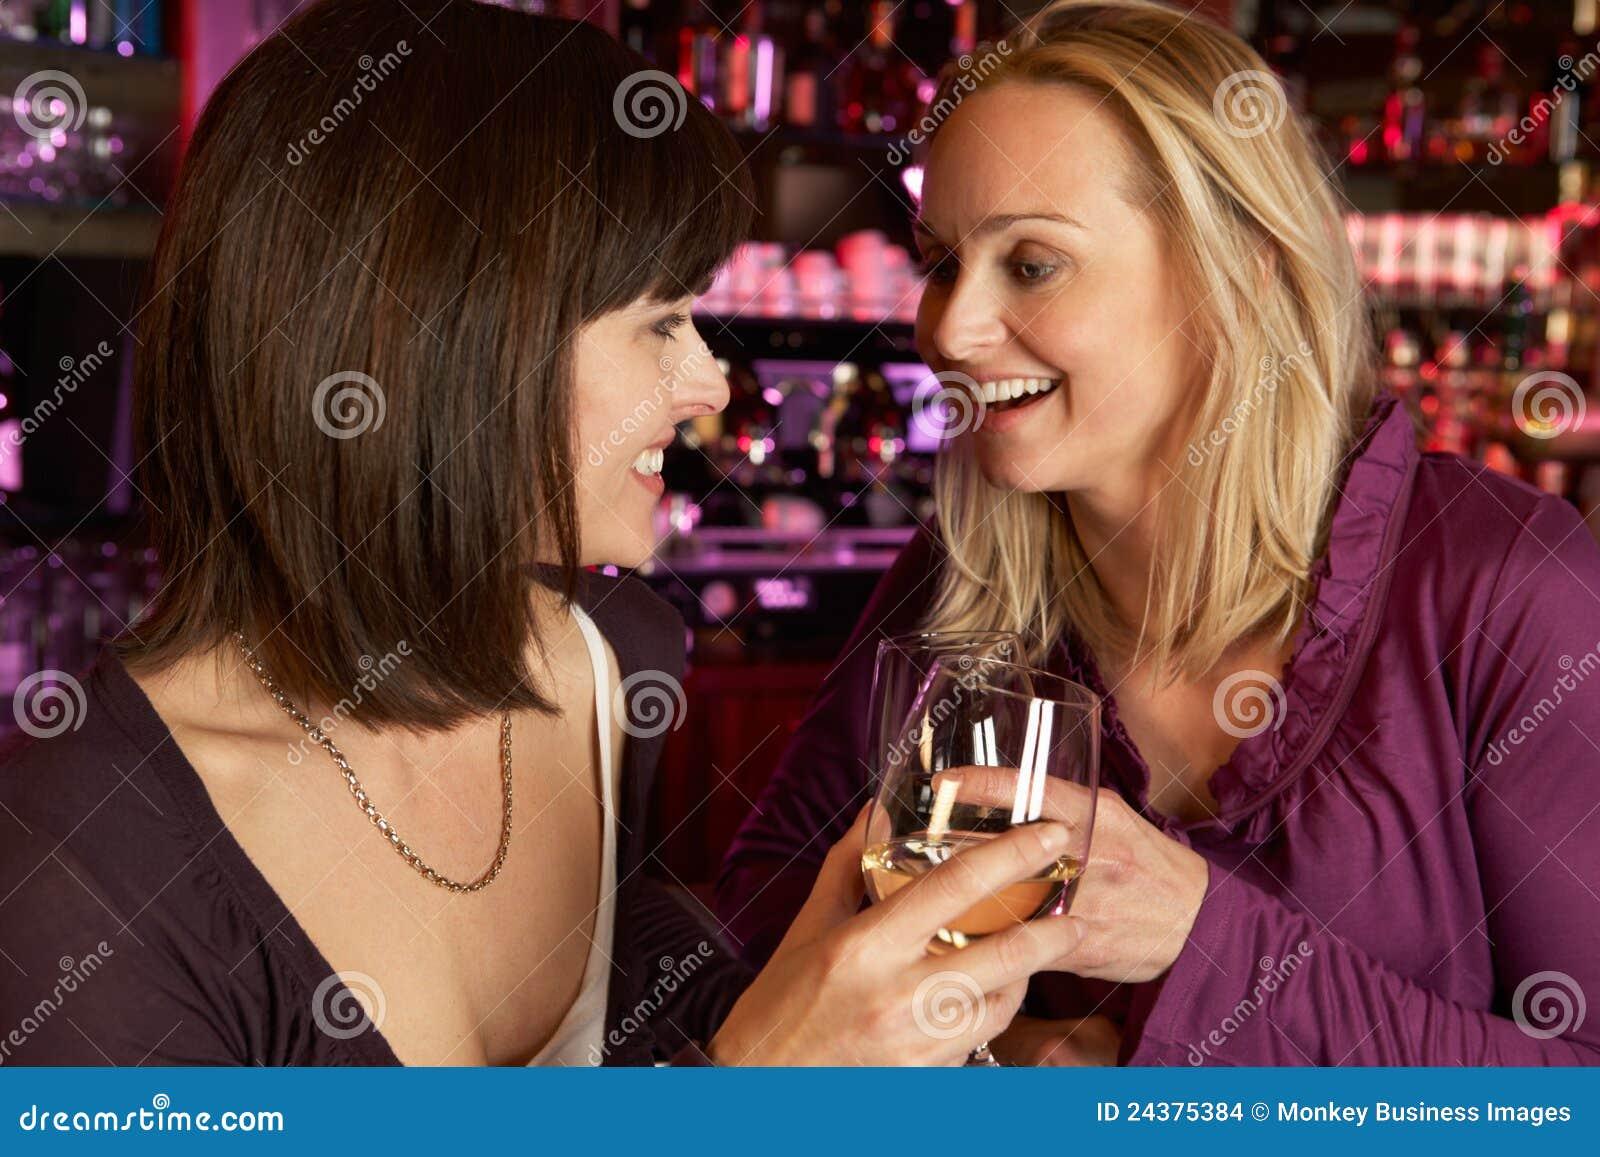 Фото с выпивающими подругами 5 фотография